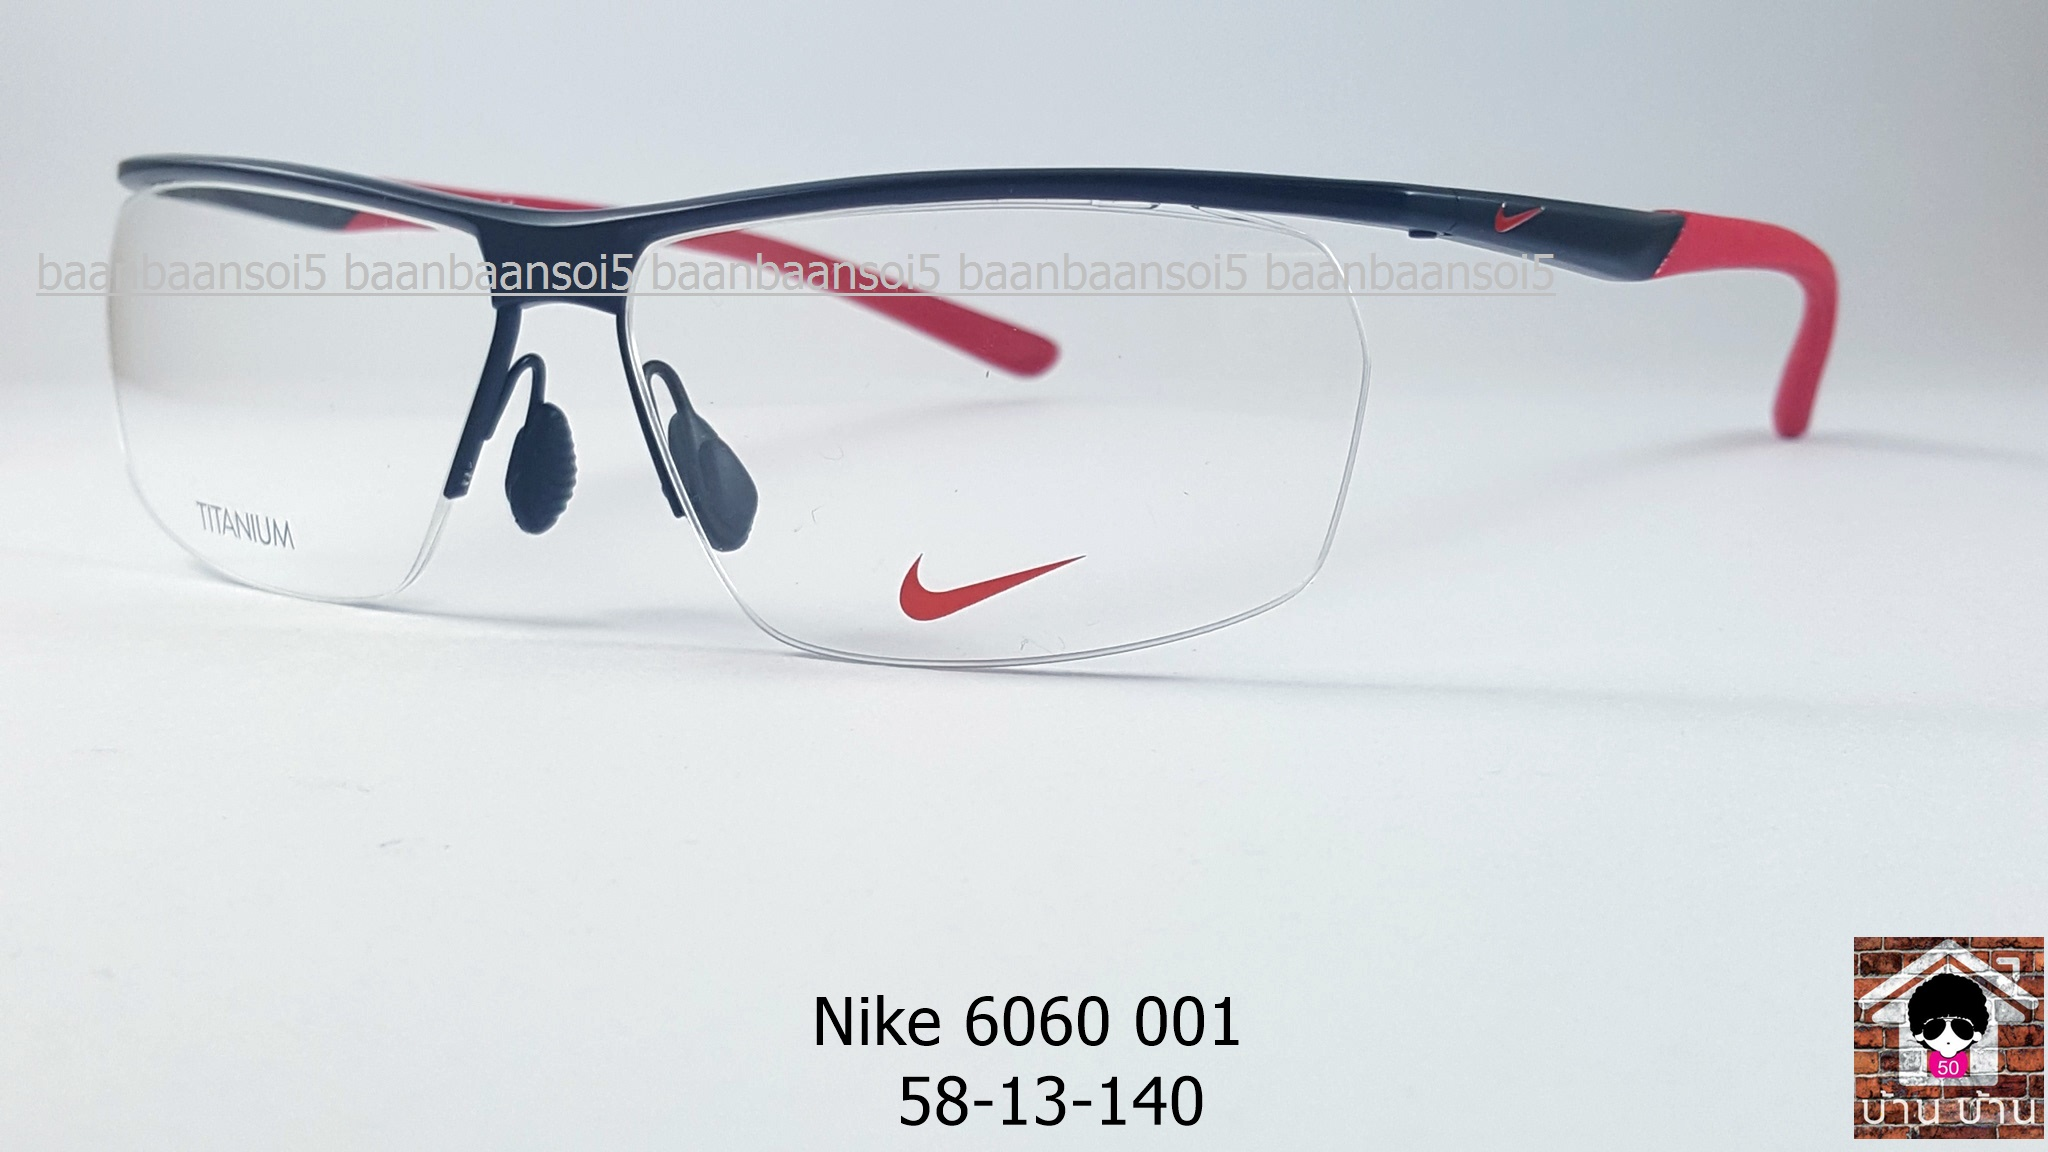 NIKE BRAND ORIGINALแท้ TITAUIUM 6060 001 กรอบแว่นตาพร้อมเลนส์ มัลติโค๊ตHOYA ป้องกันรังสีคอม 7,200 บาท